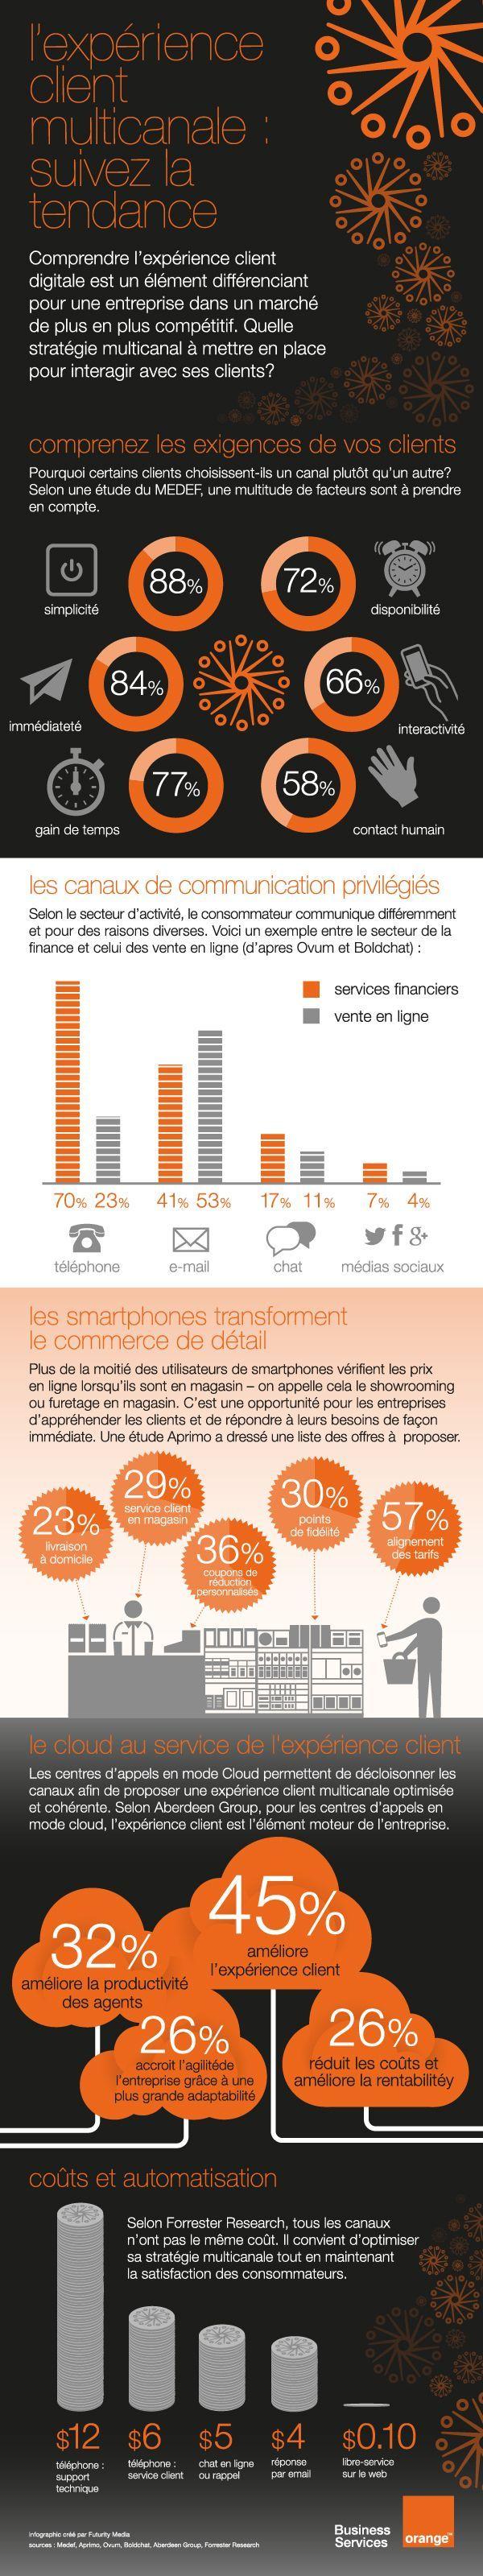 [infographie] l'expérience client multicanal : suivez la tendance | Orange Business Services